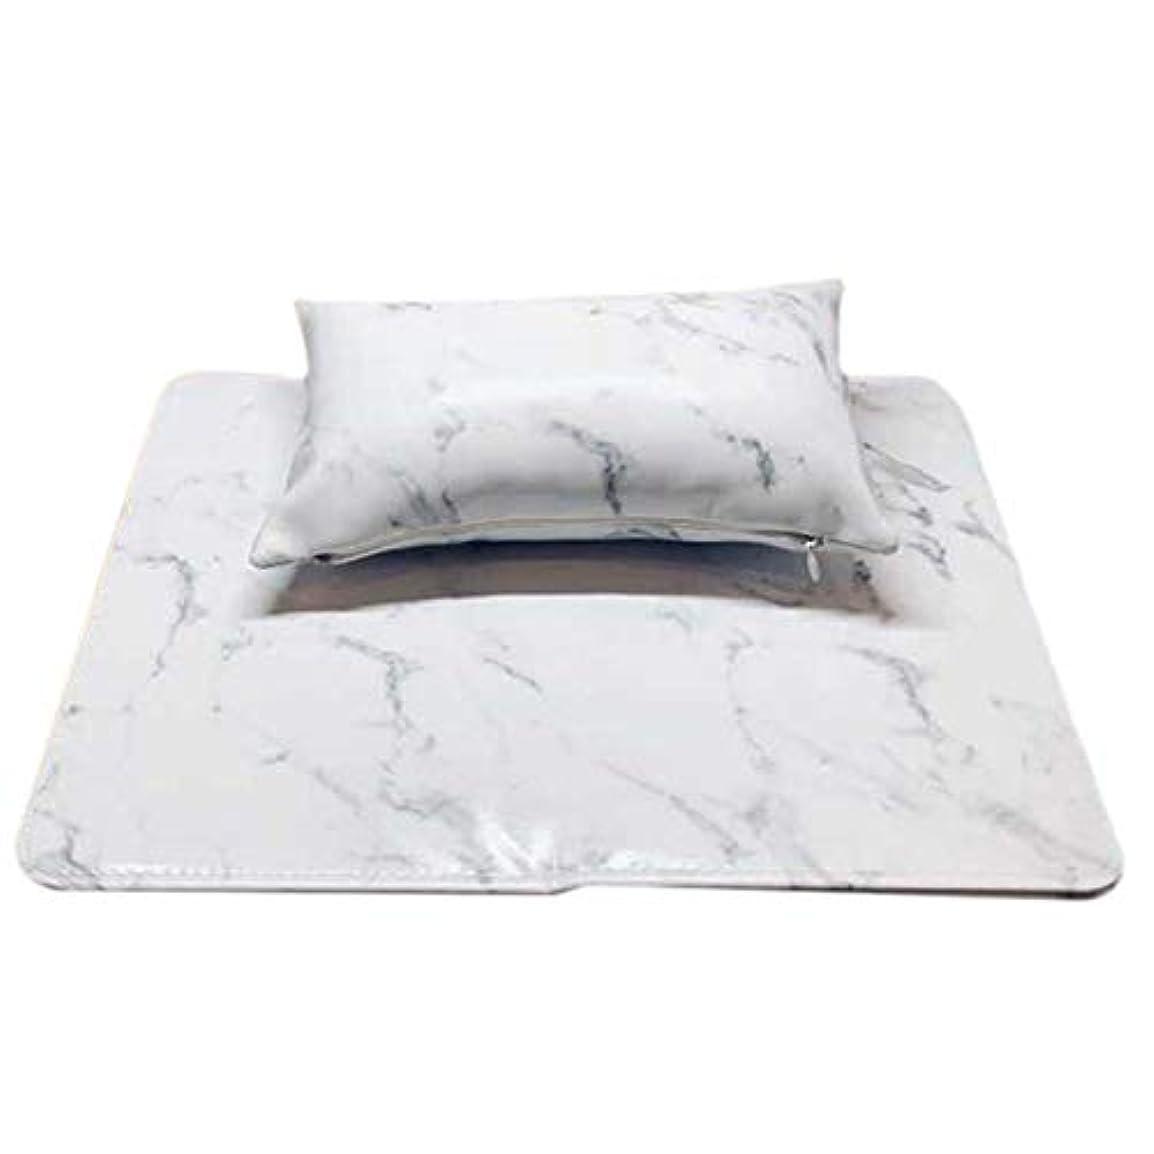 ボックススティーブンソン花嫁CUHAWUDBA マニキュアツール ソフトハンドクッション枕とパッドレストネイルアートアームレストホルダー マニキュアネイルアートアクセサリーレザー(2個 一体化)ホワイト